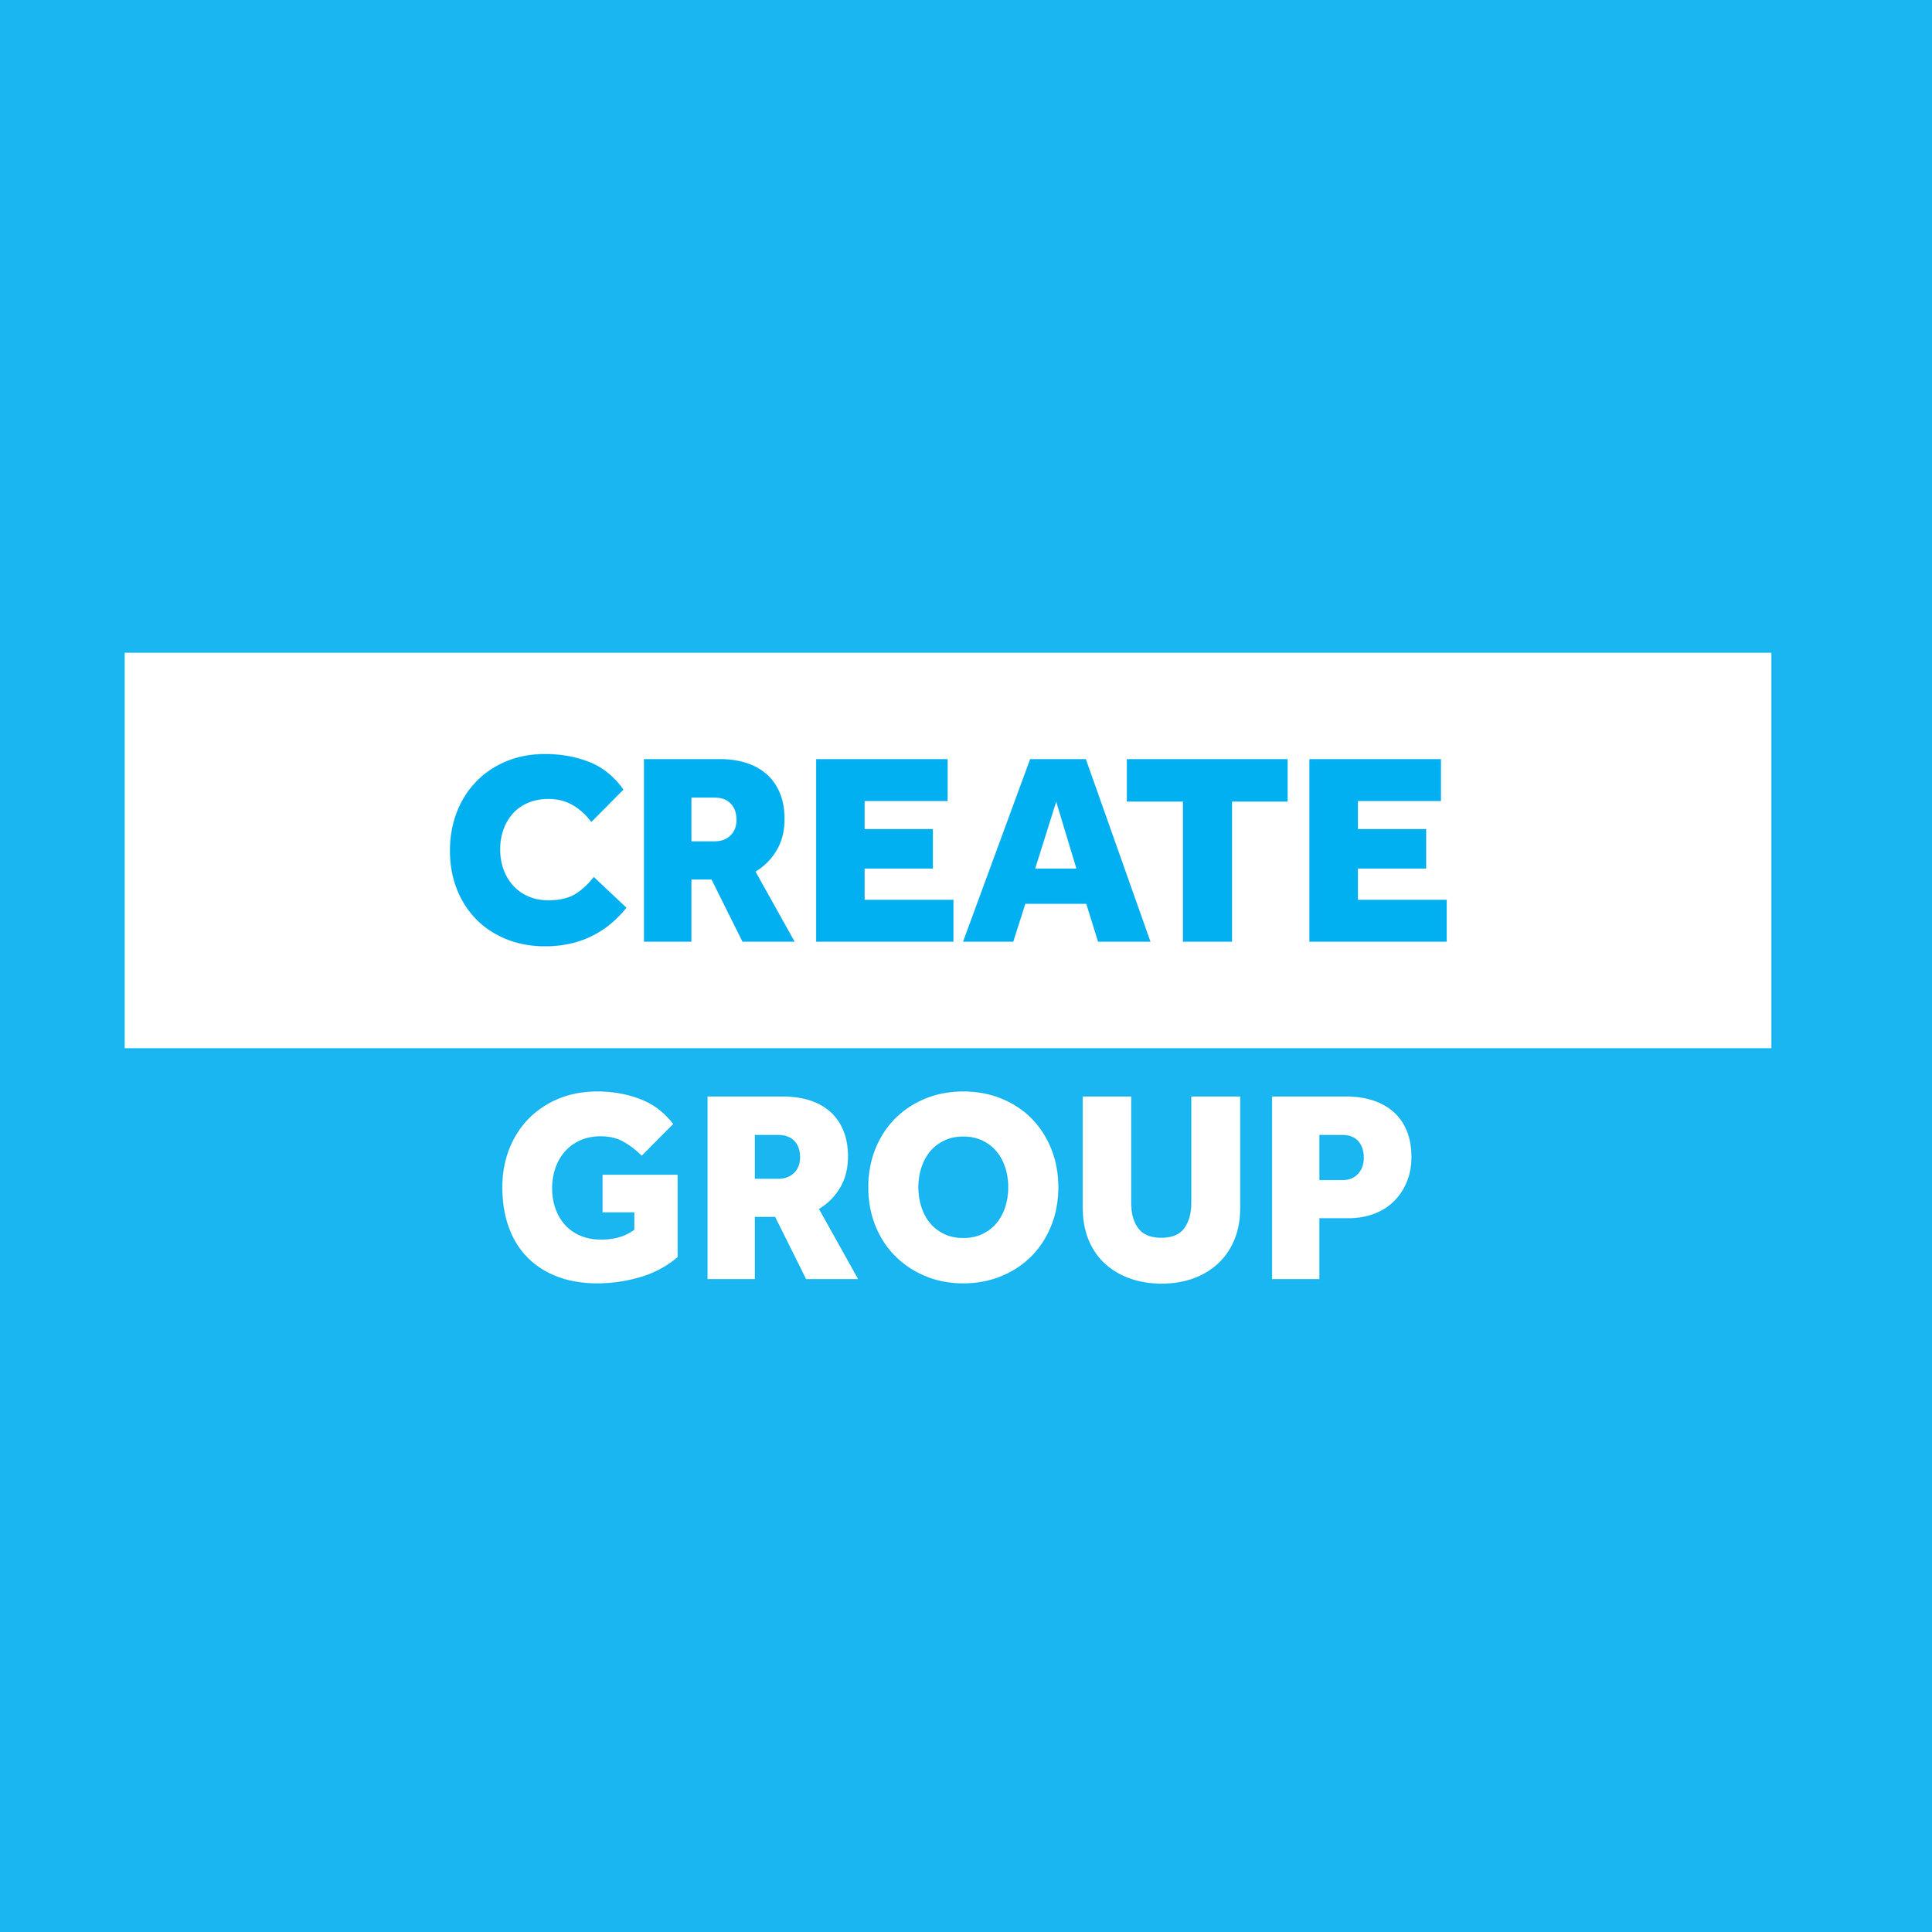 CREATE A GROUP.jpg